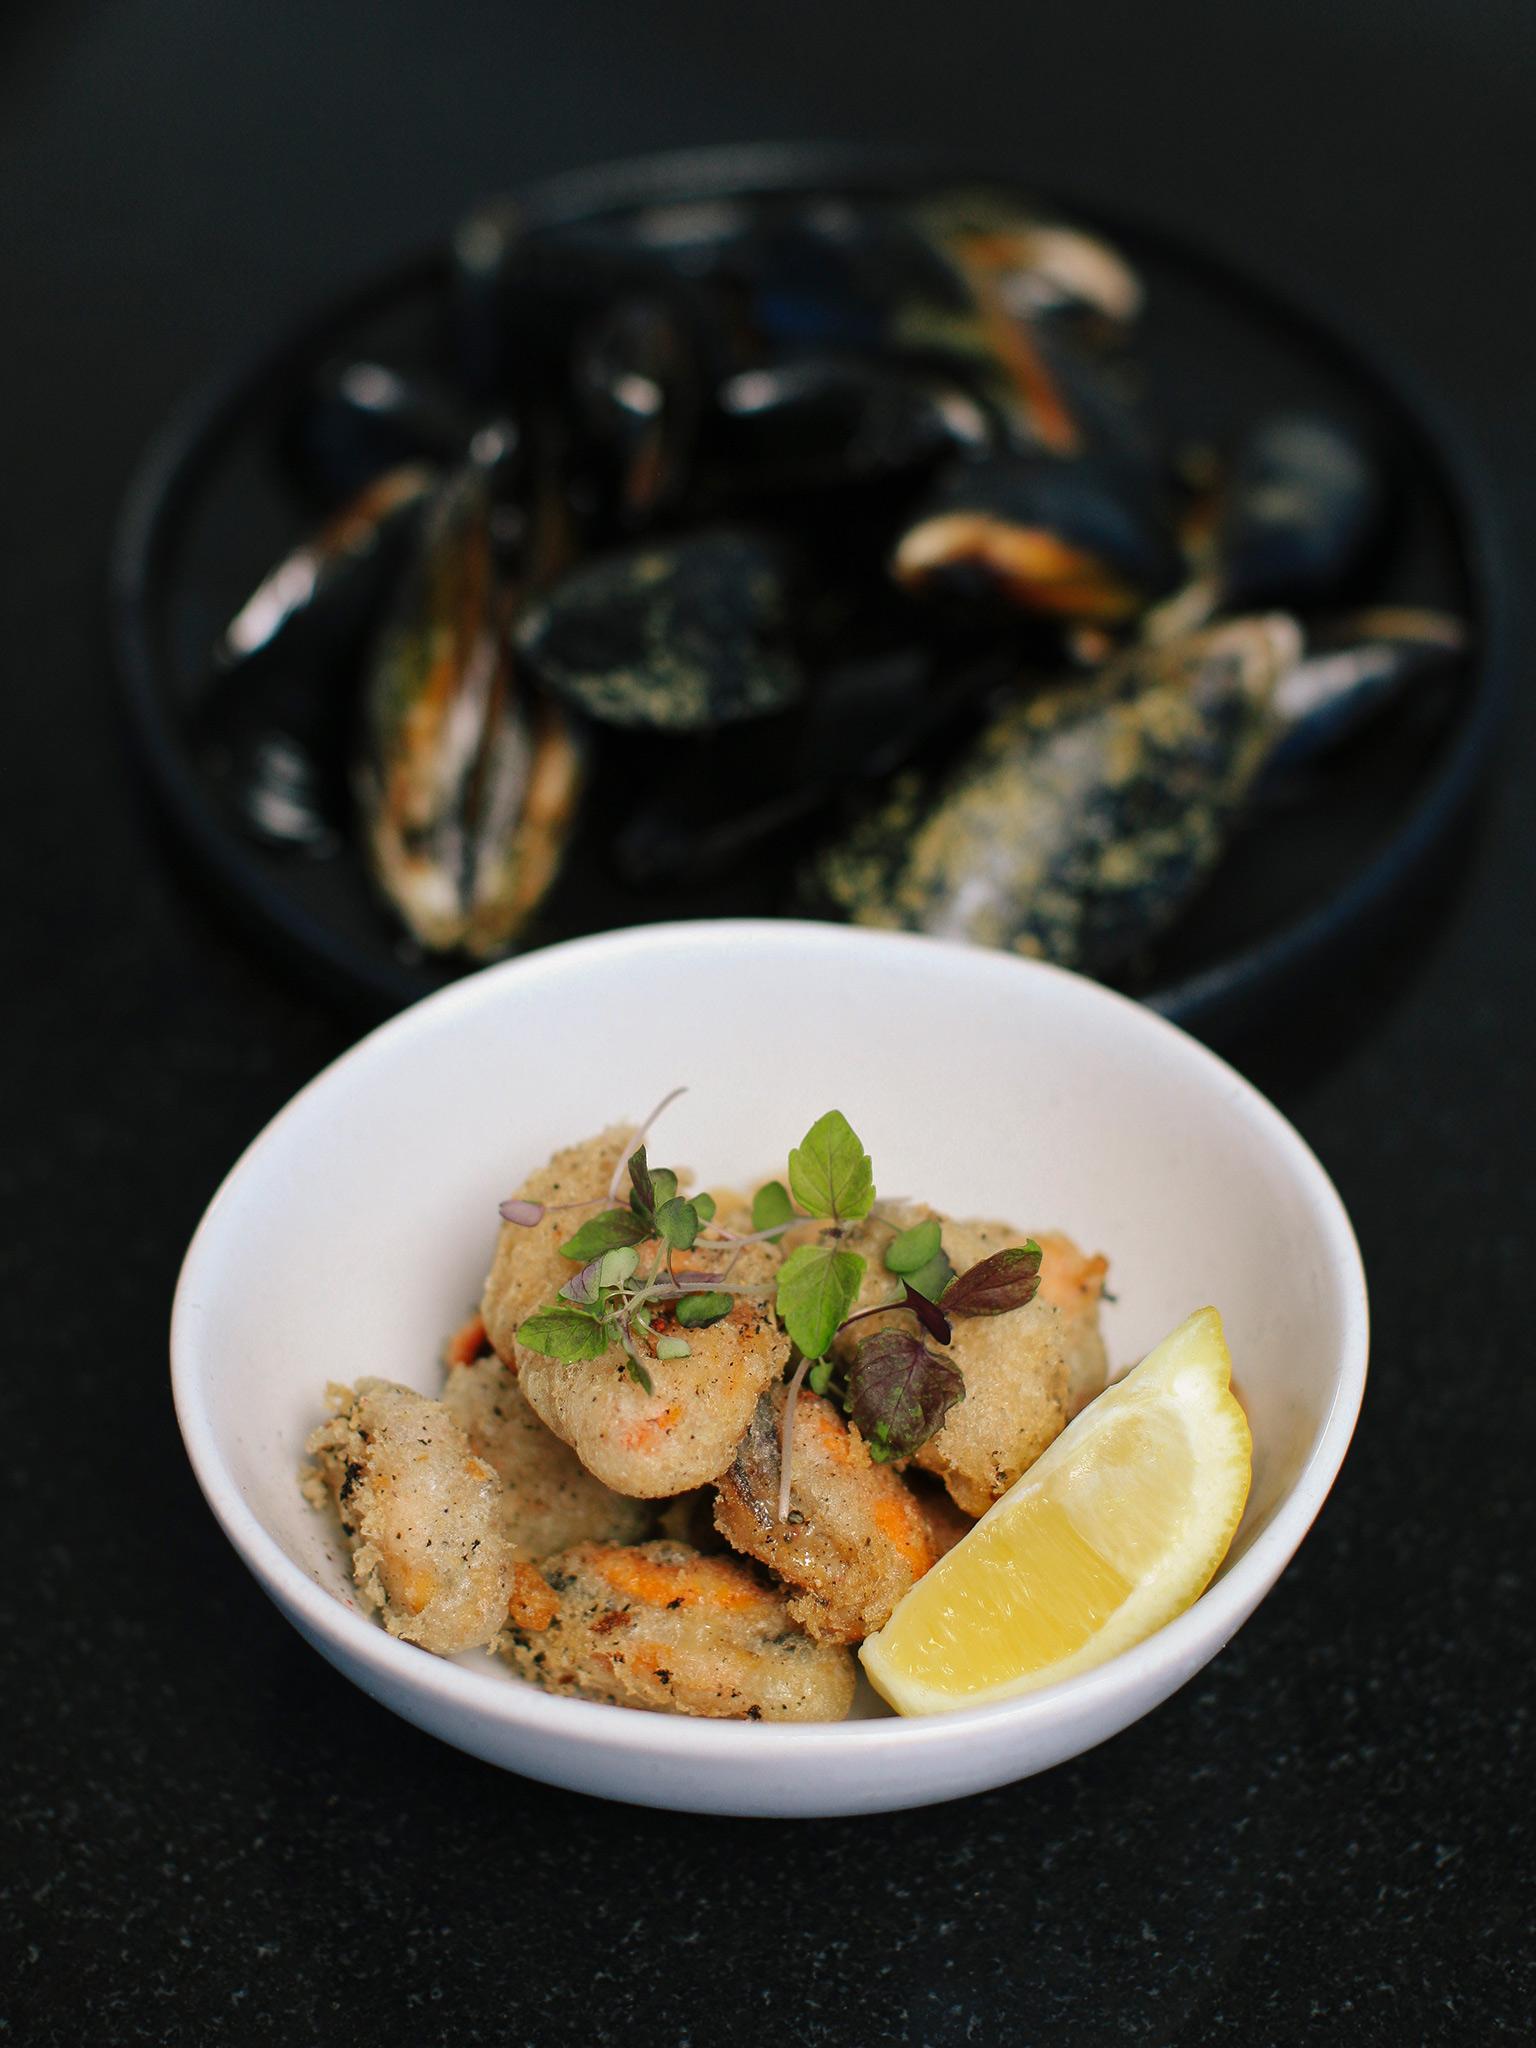 3-005-Tempura-Mussels-003-web.jpg